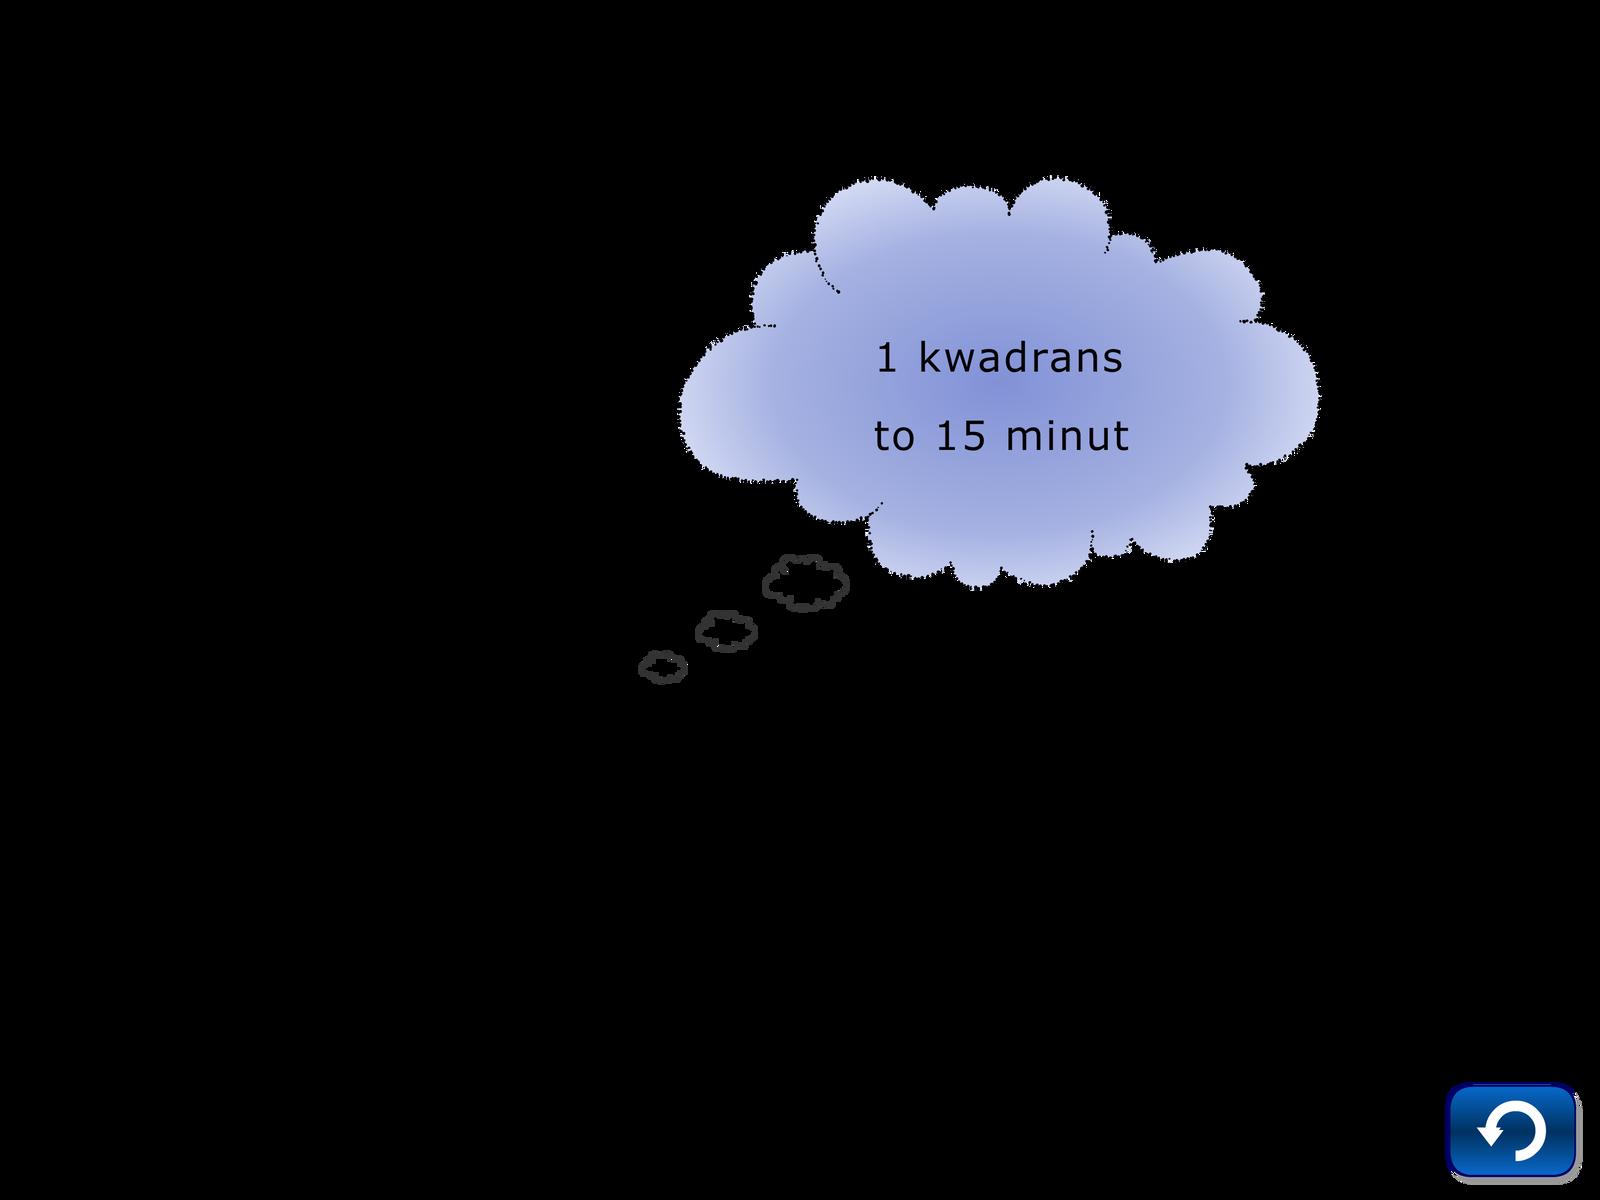 Pamięciowe dzielenie, zadanie 7, chmurka, kwadrans